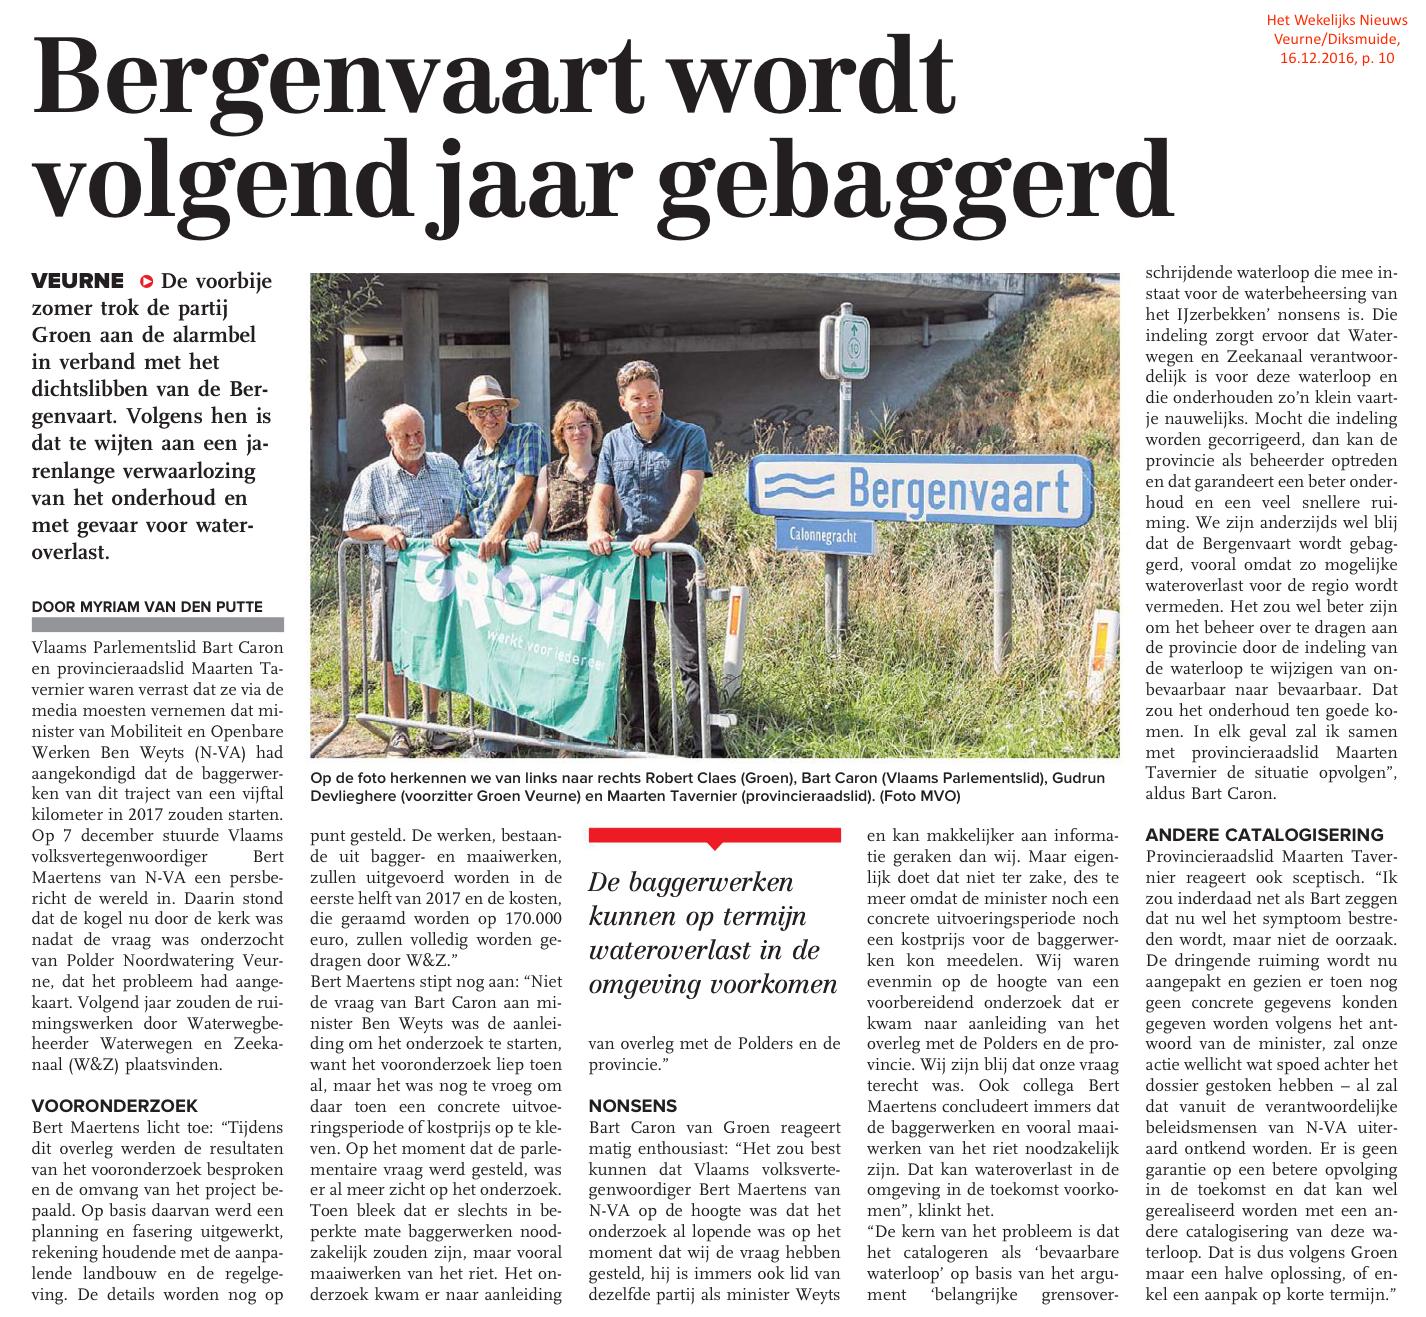 Het Wekelijks Nieuws Veurne/Diksmuide, 16.12.2016, p. 10